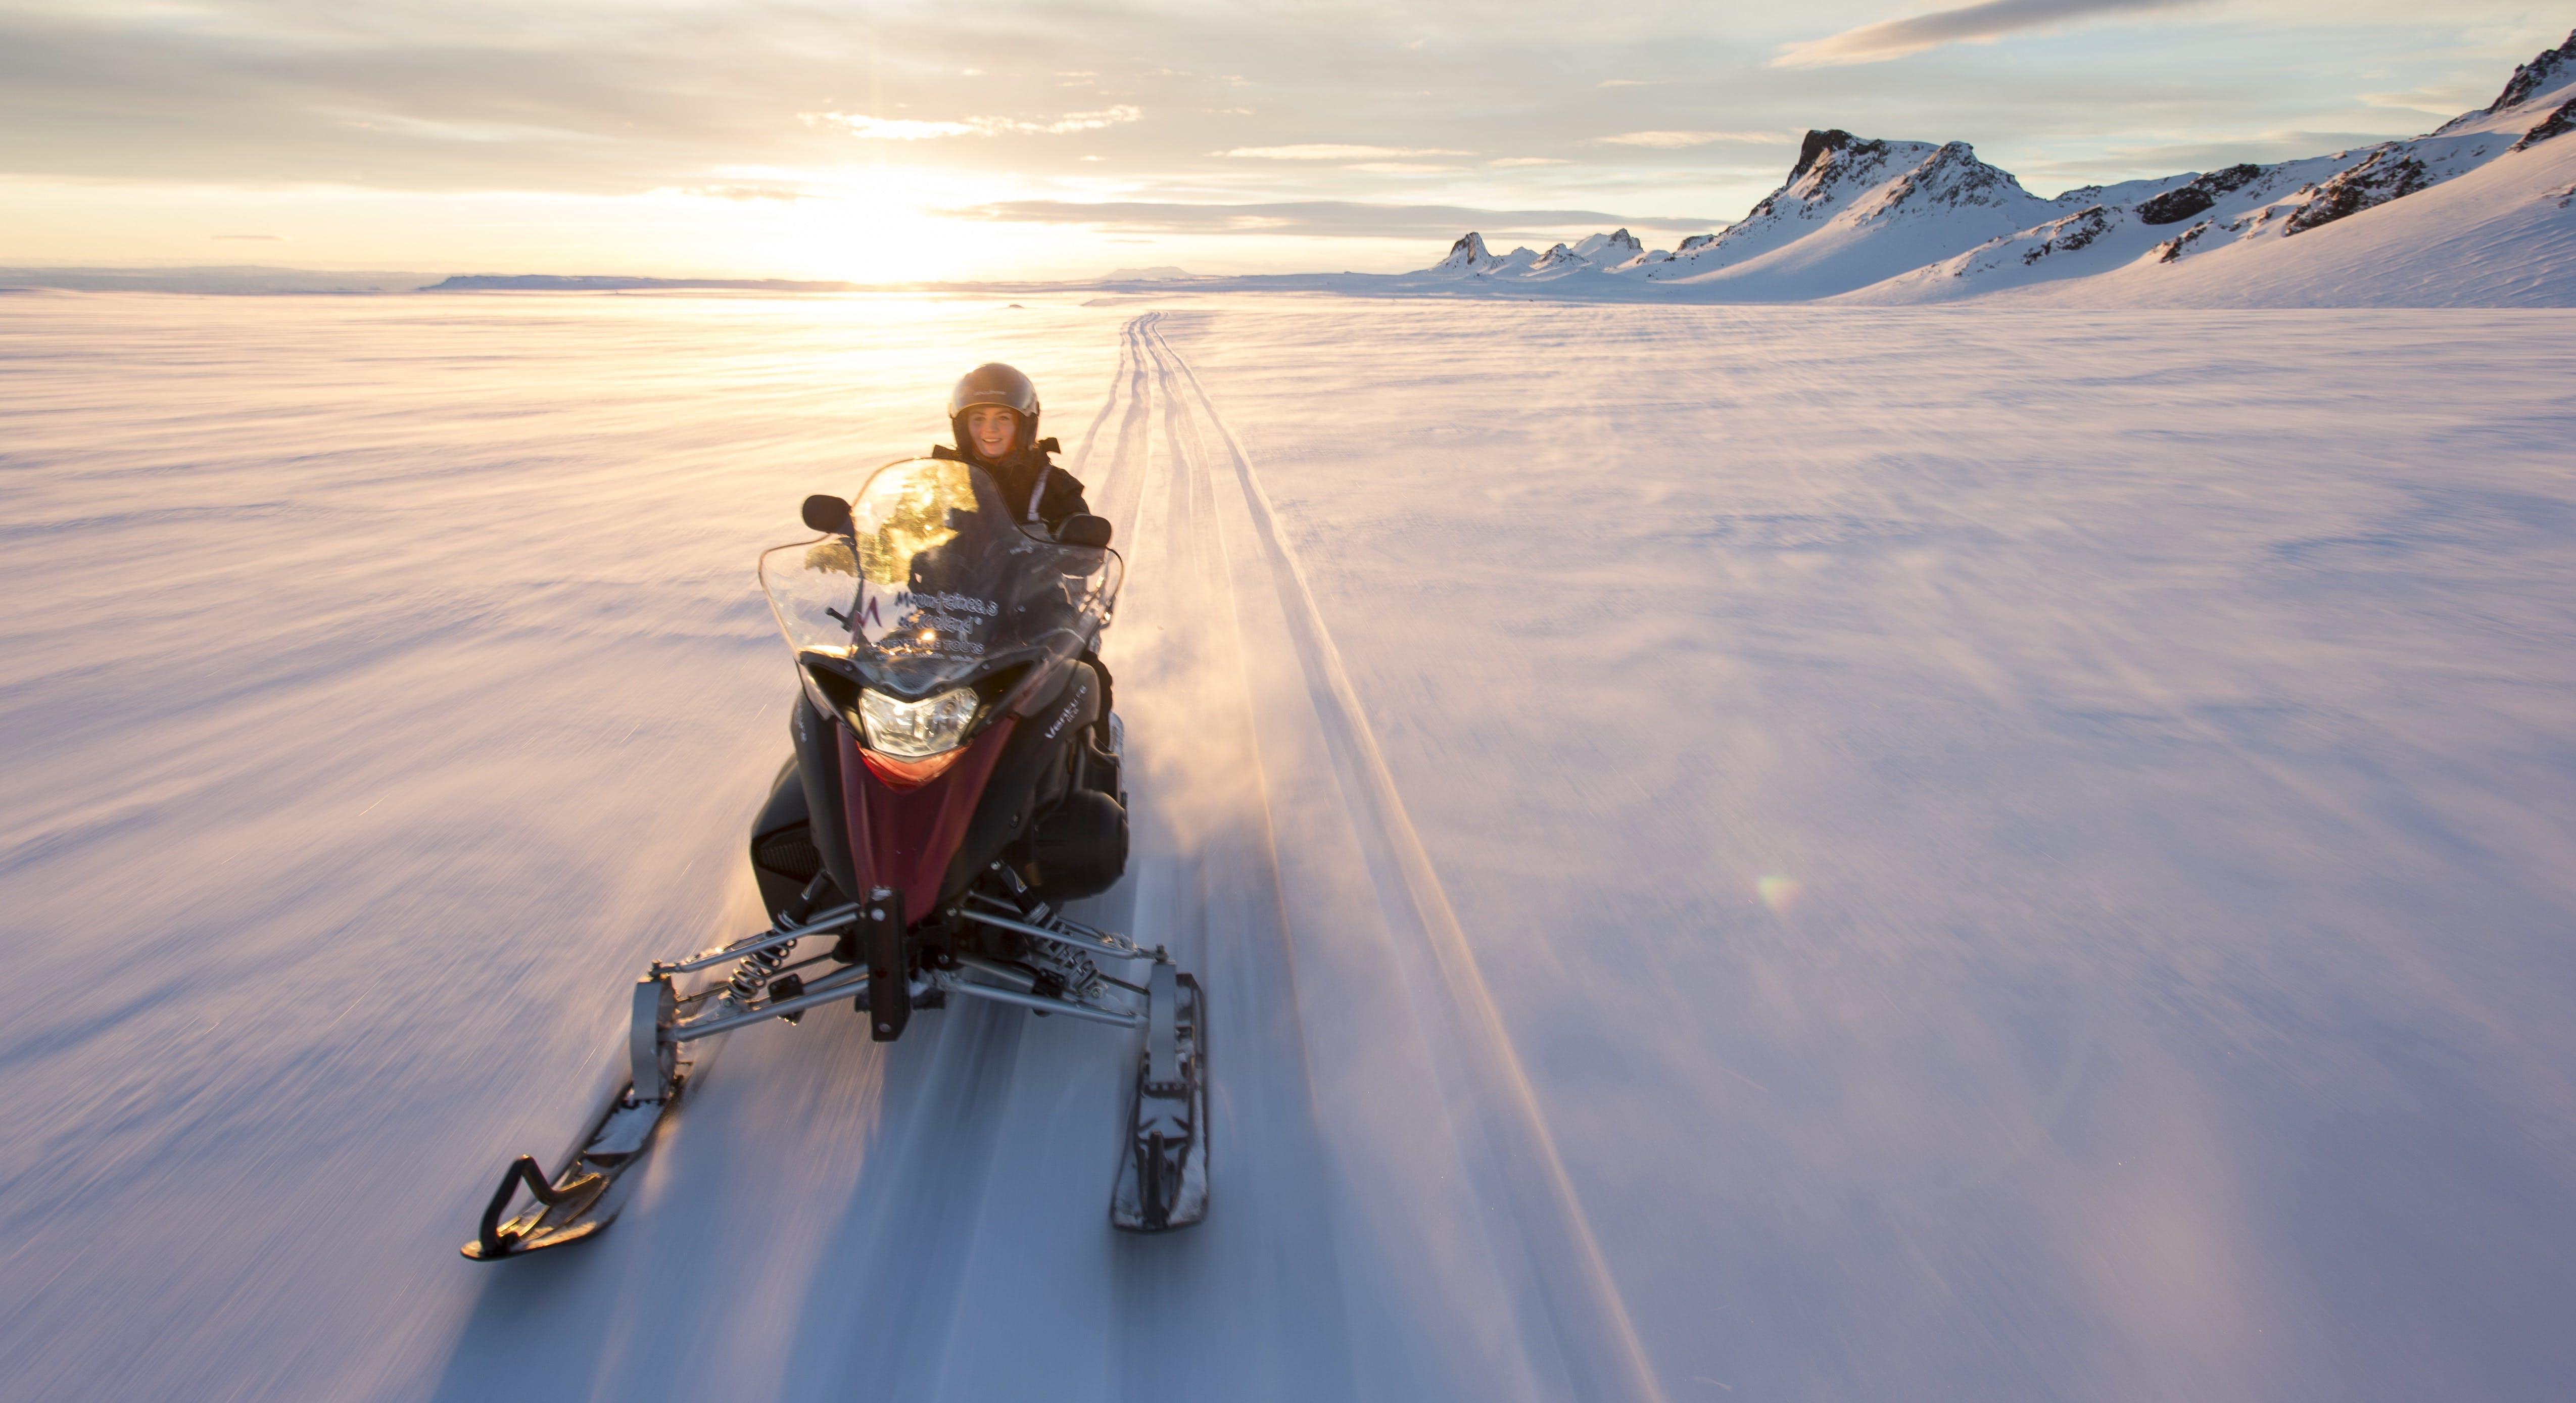 在冰岛古老的冰川上体验雪地摩托的刺激与乐趣。